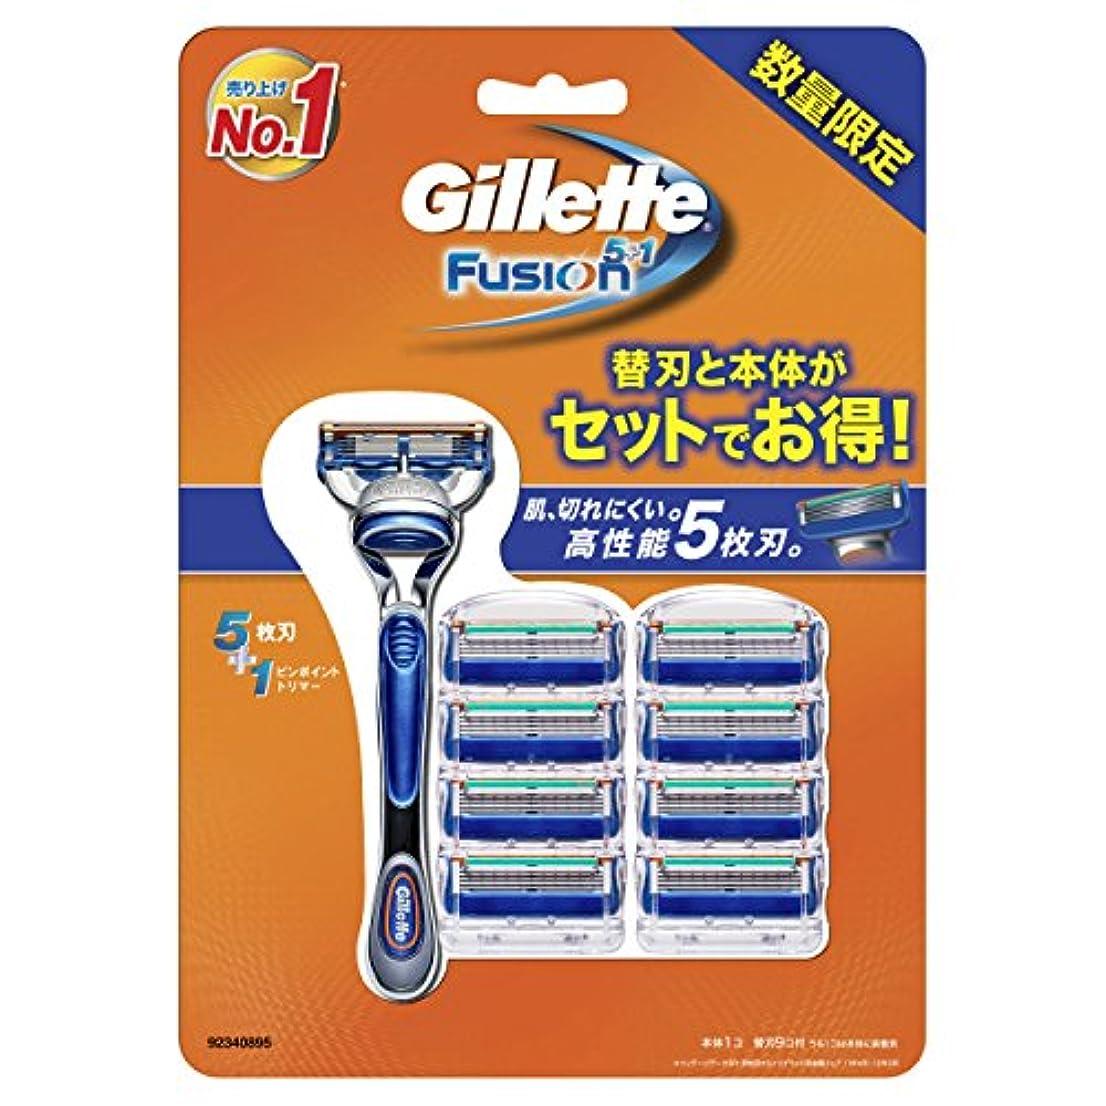 無効アリ圧力ジレット フュージョン5+1 マニュアル 髭剃り 本体+替刃 9個付